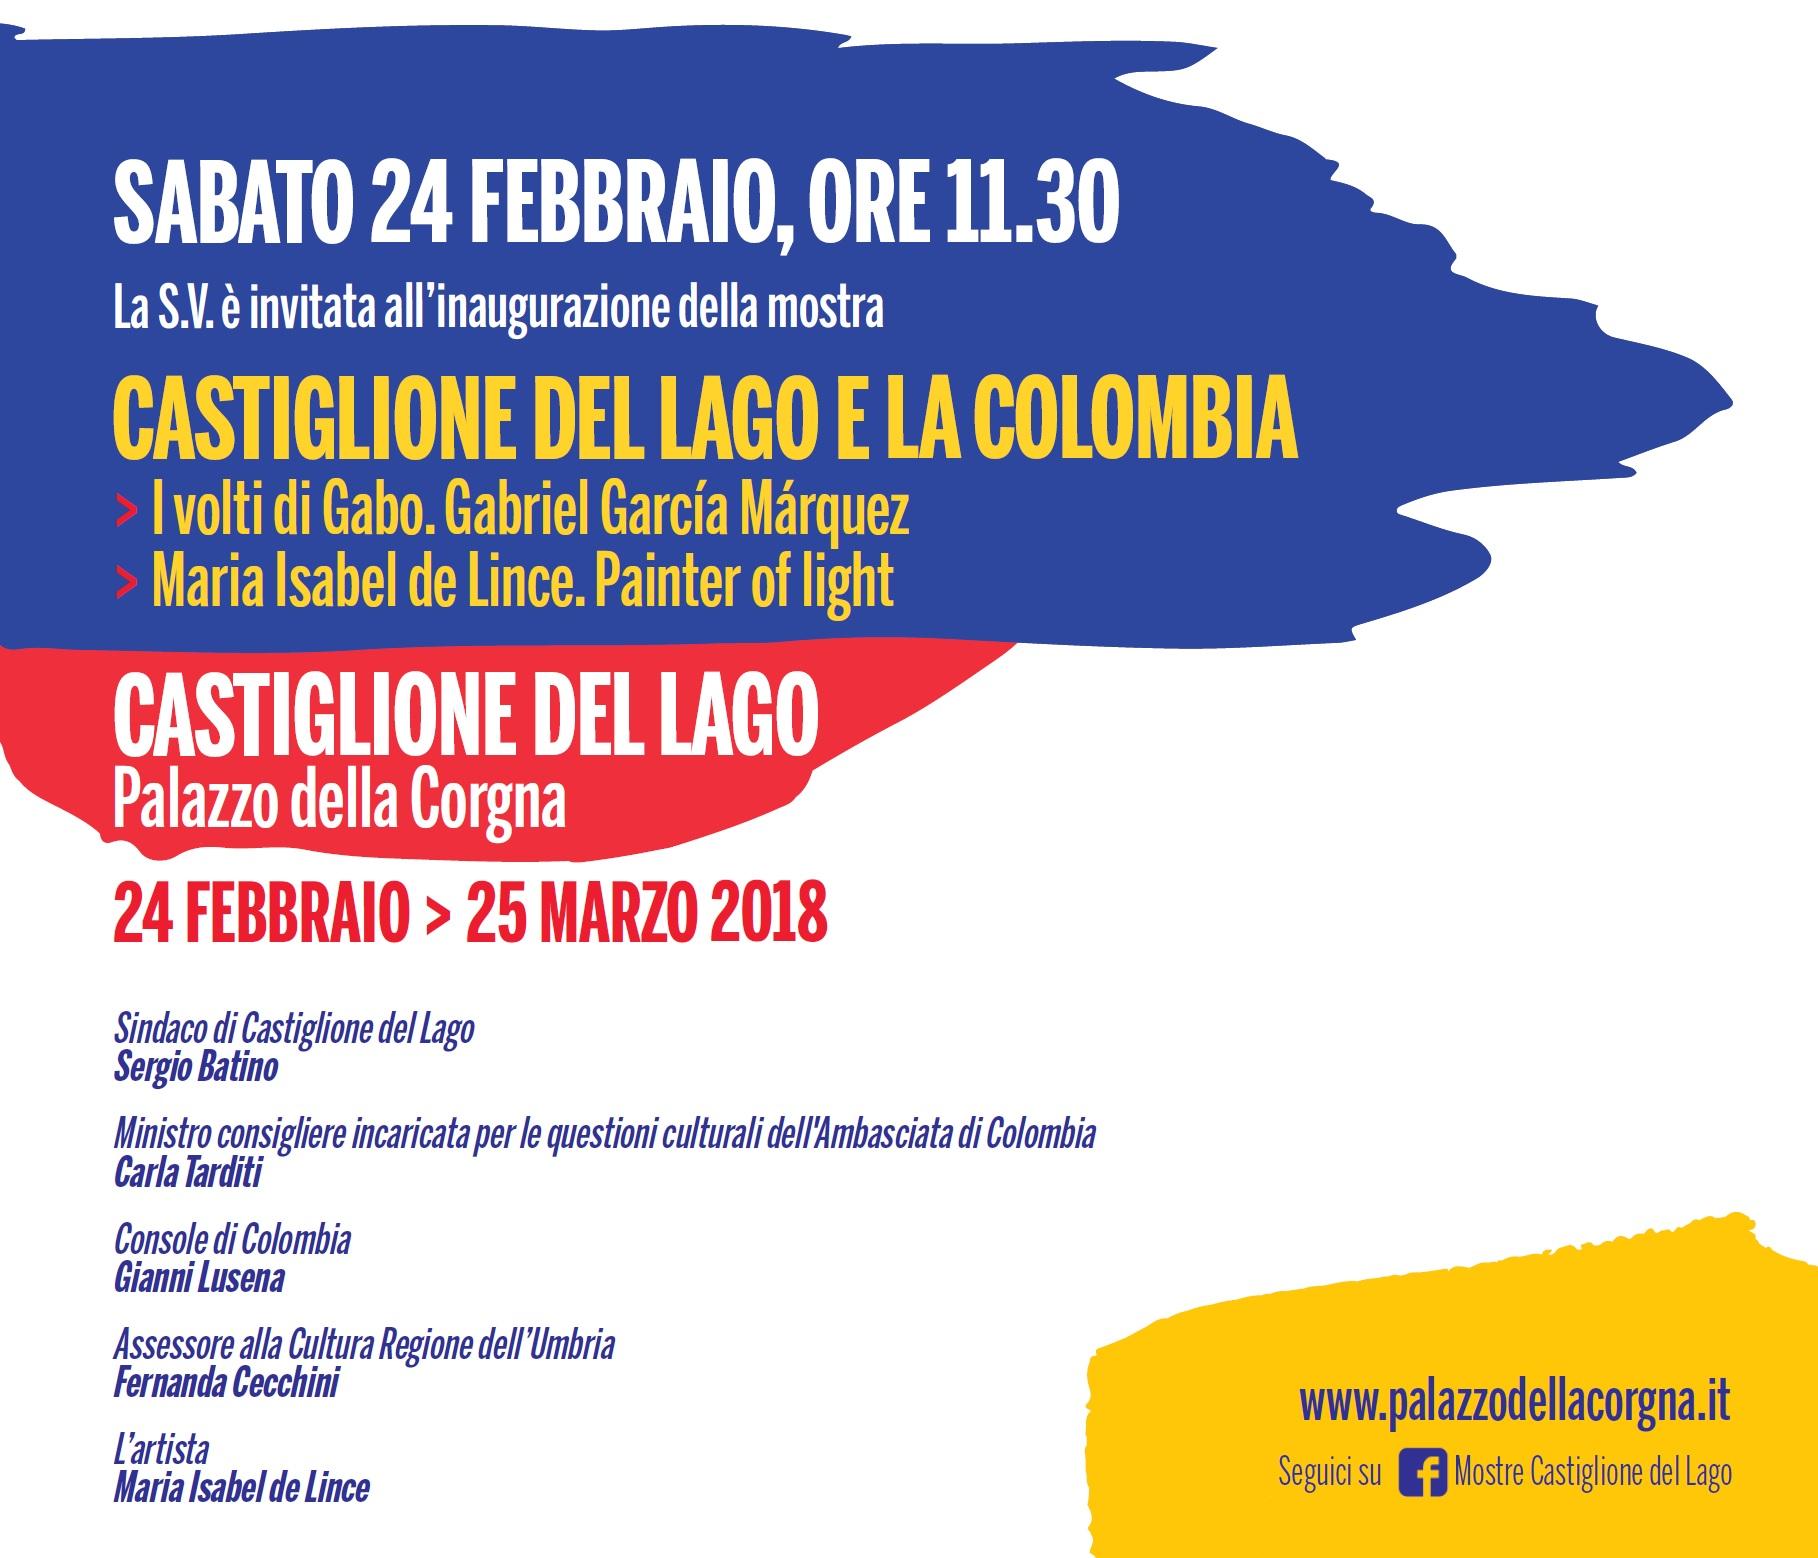 invito_castiglionedellago_colombia